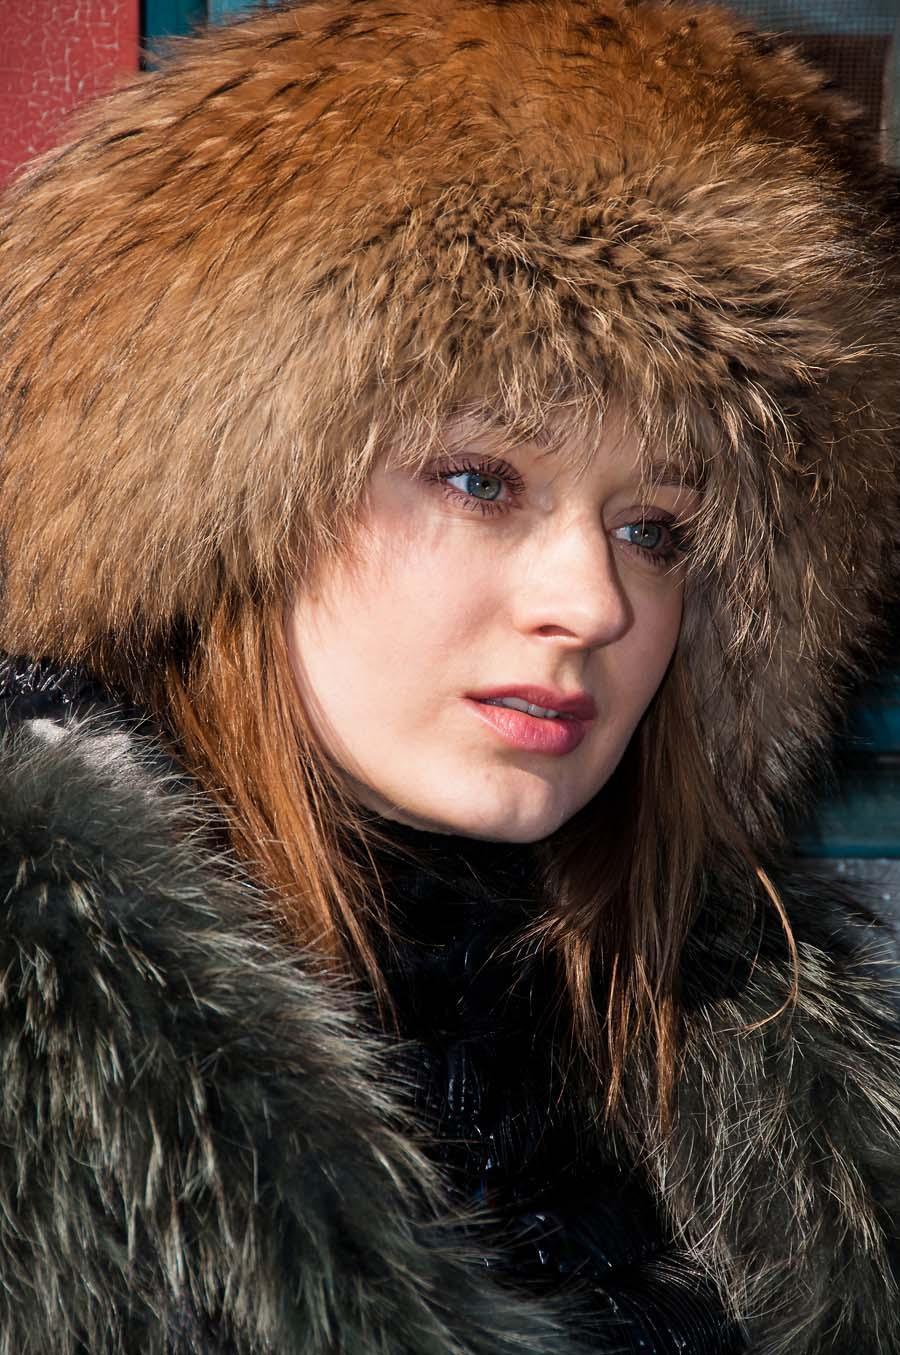 中国富豪娶22位俄罗斯美女,俄罗斯美女的生理需求中国男人能满足吗?